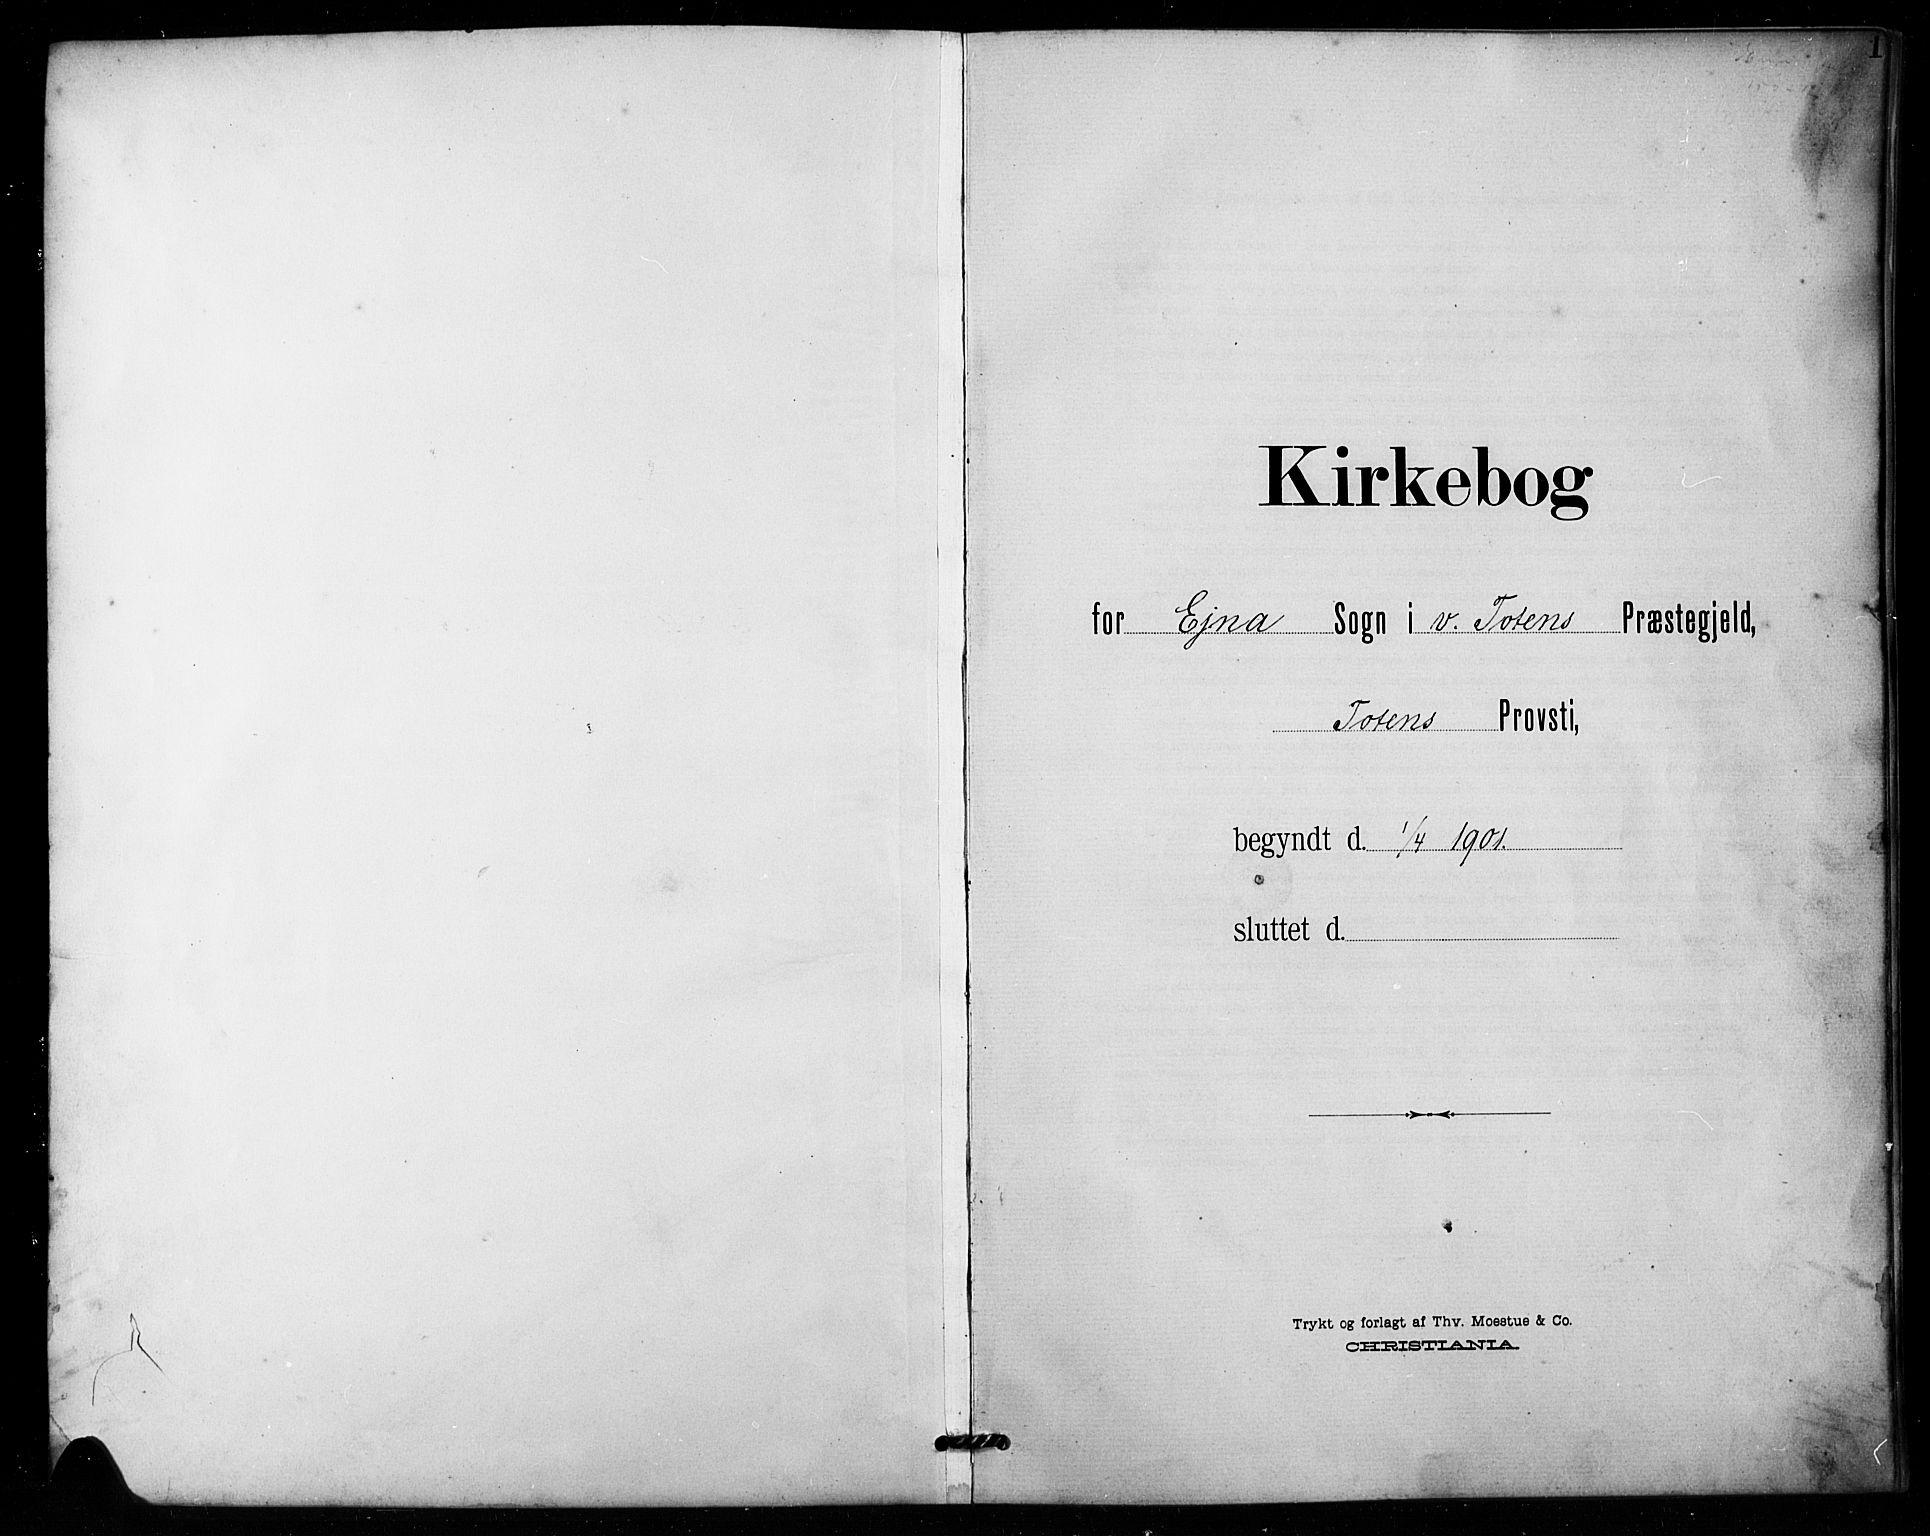 SAH, Vestre Toten prestekontor, Klokkerbok nr. 16, 1901-1915, s. 1